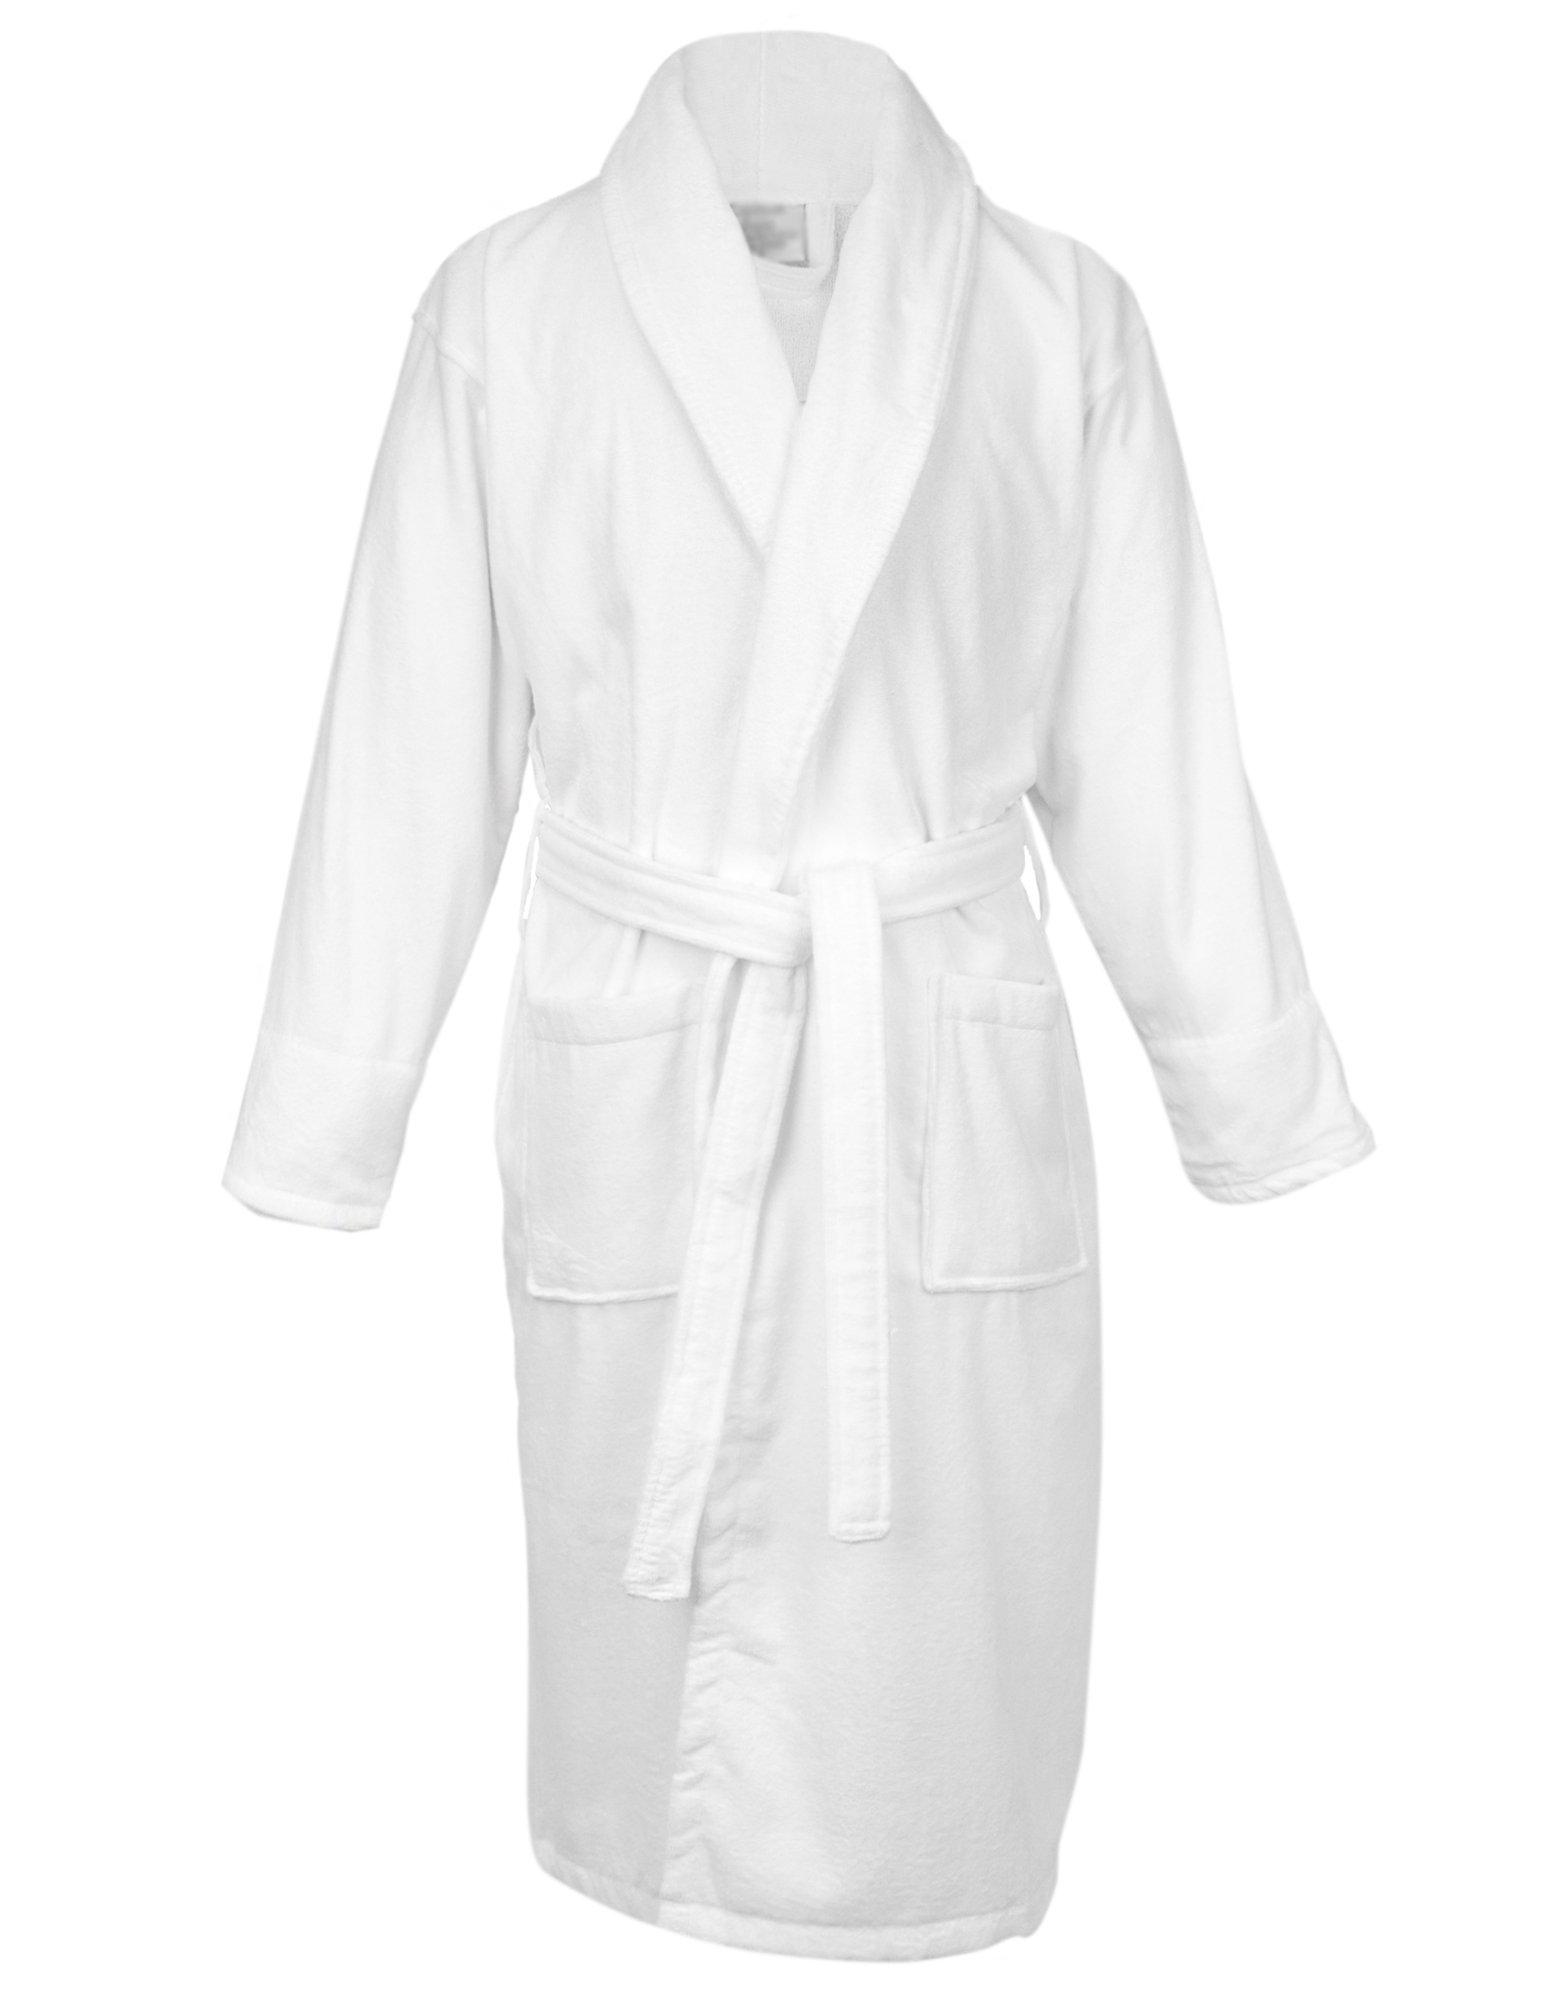 BC BARE COTTON 100% Turkish Cotton Men Terry Velour Shawl Robe, XX-Large, White